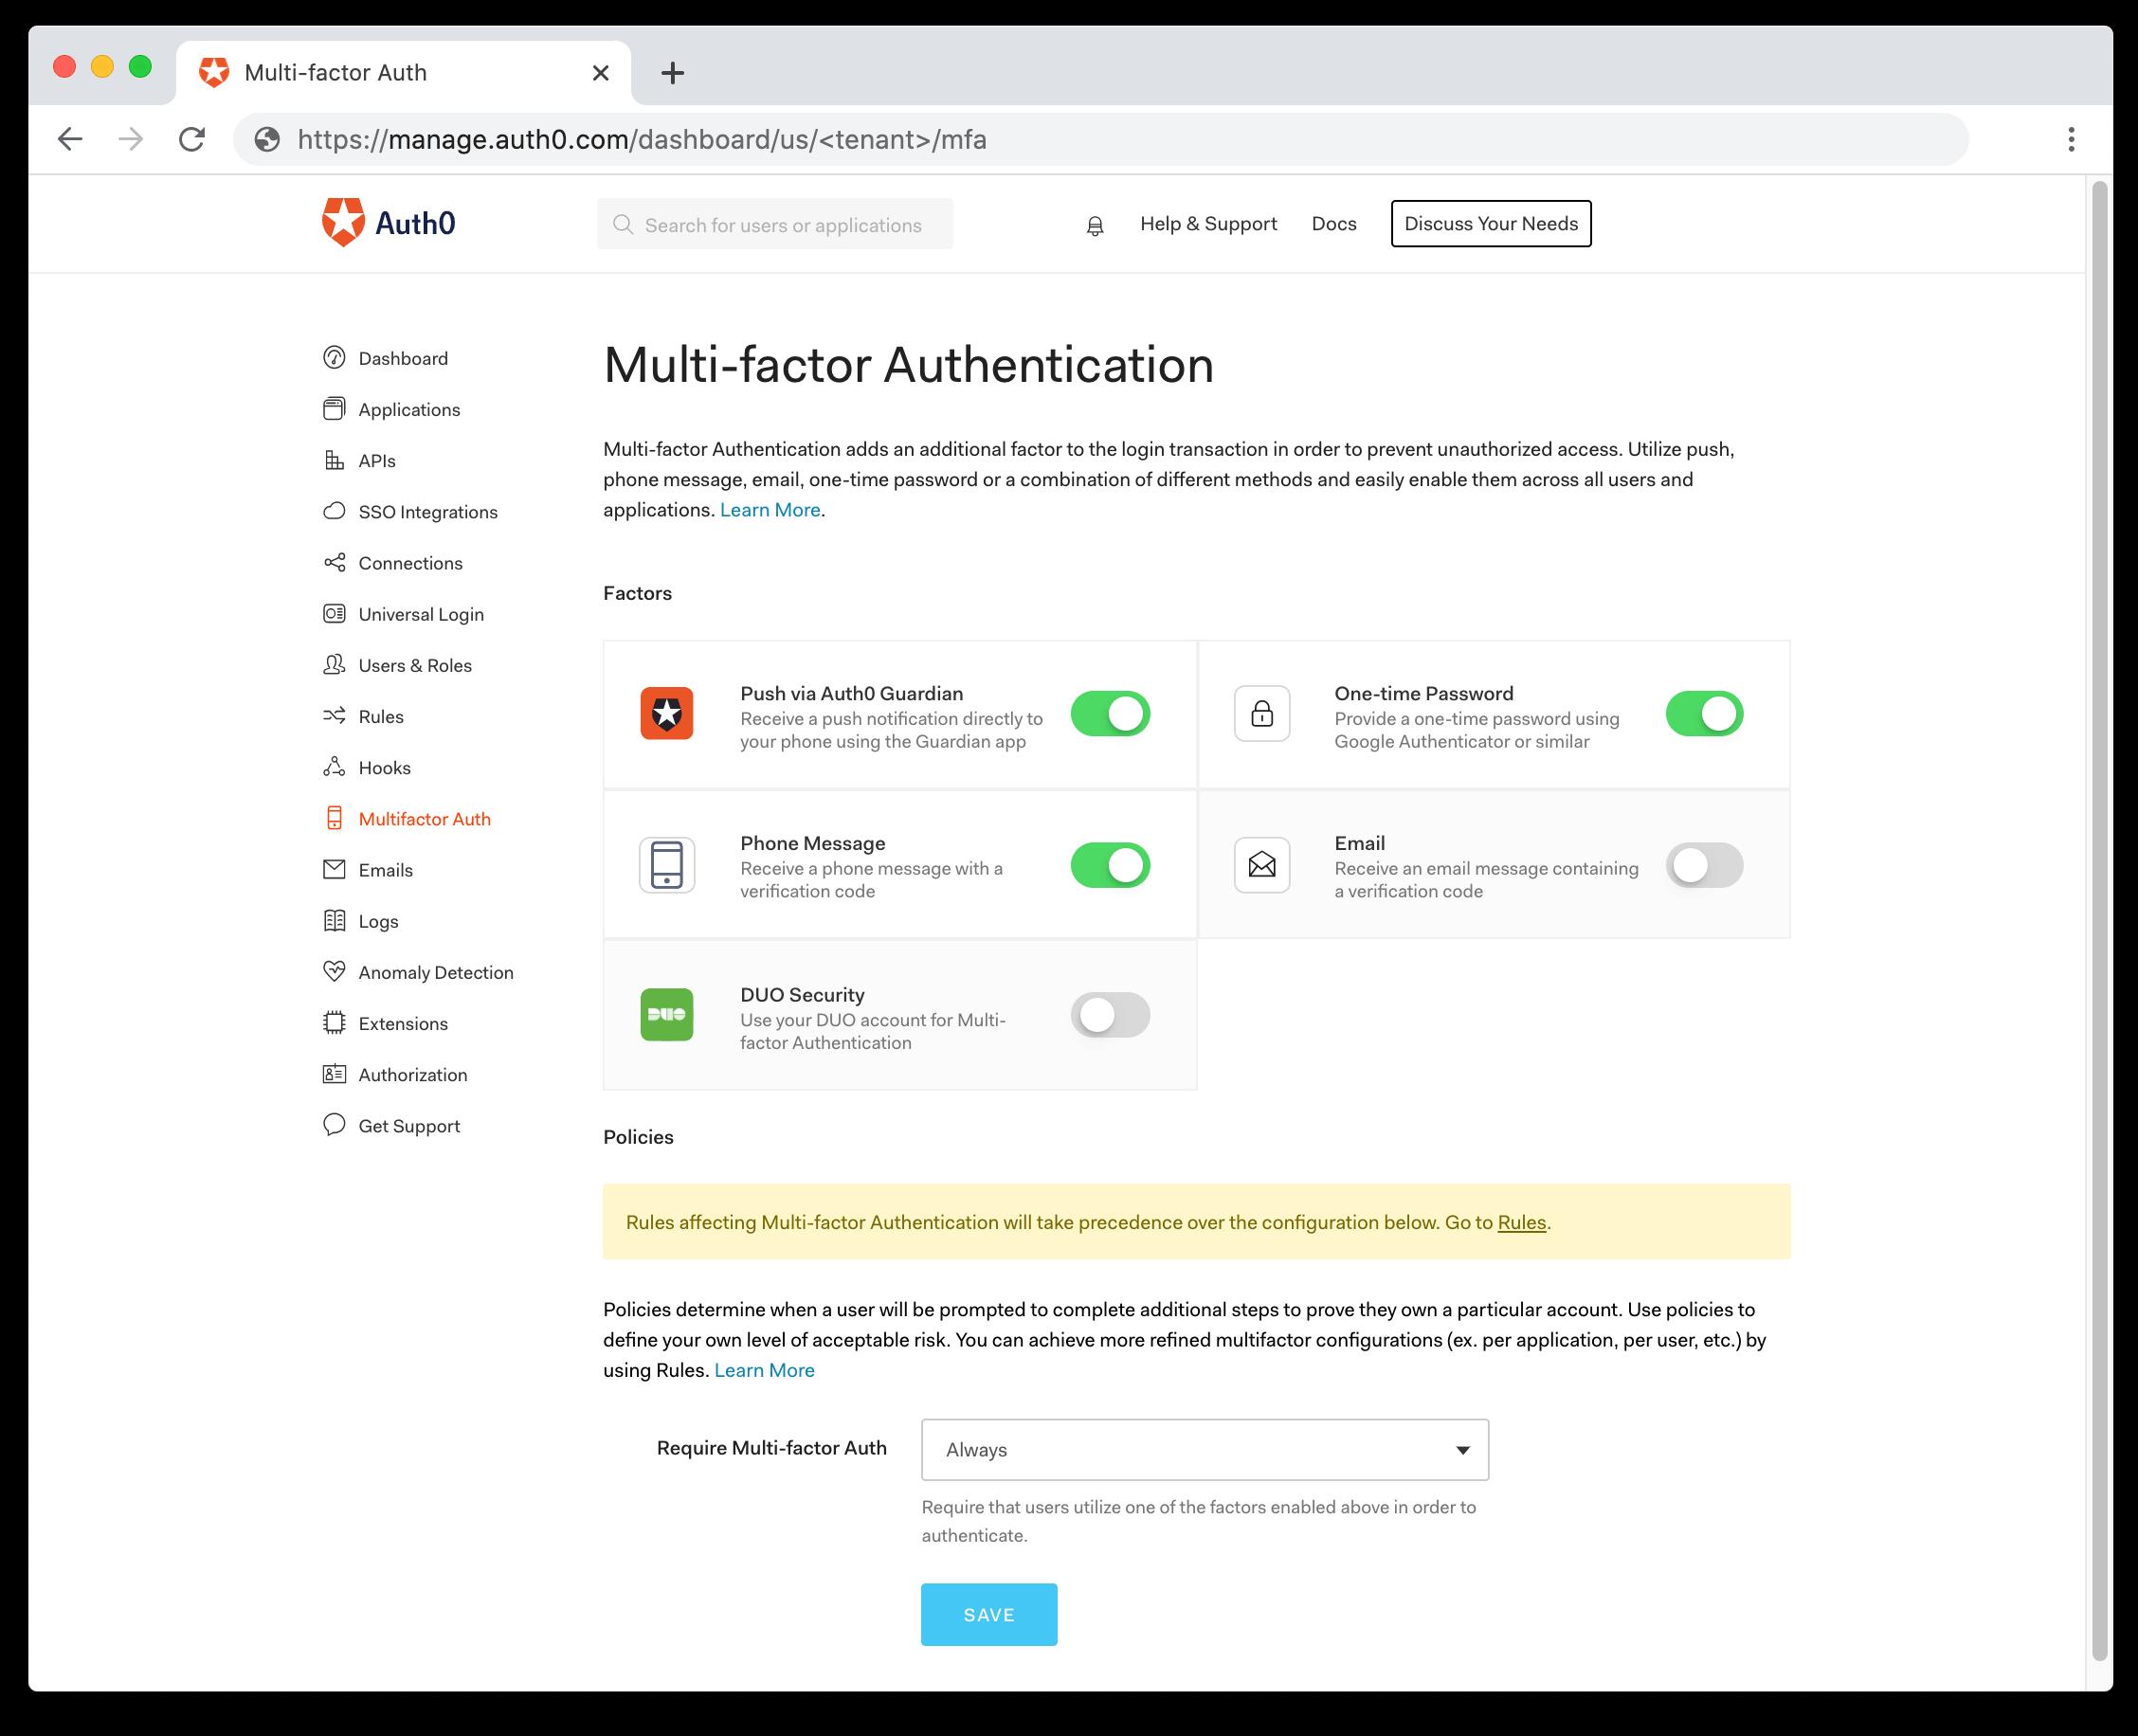 MFA Dashboard Page